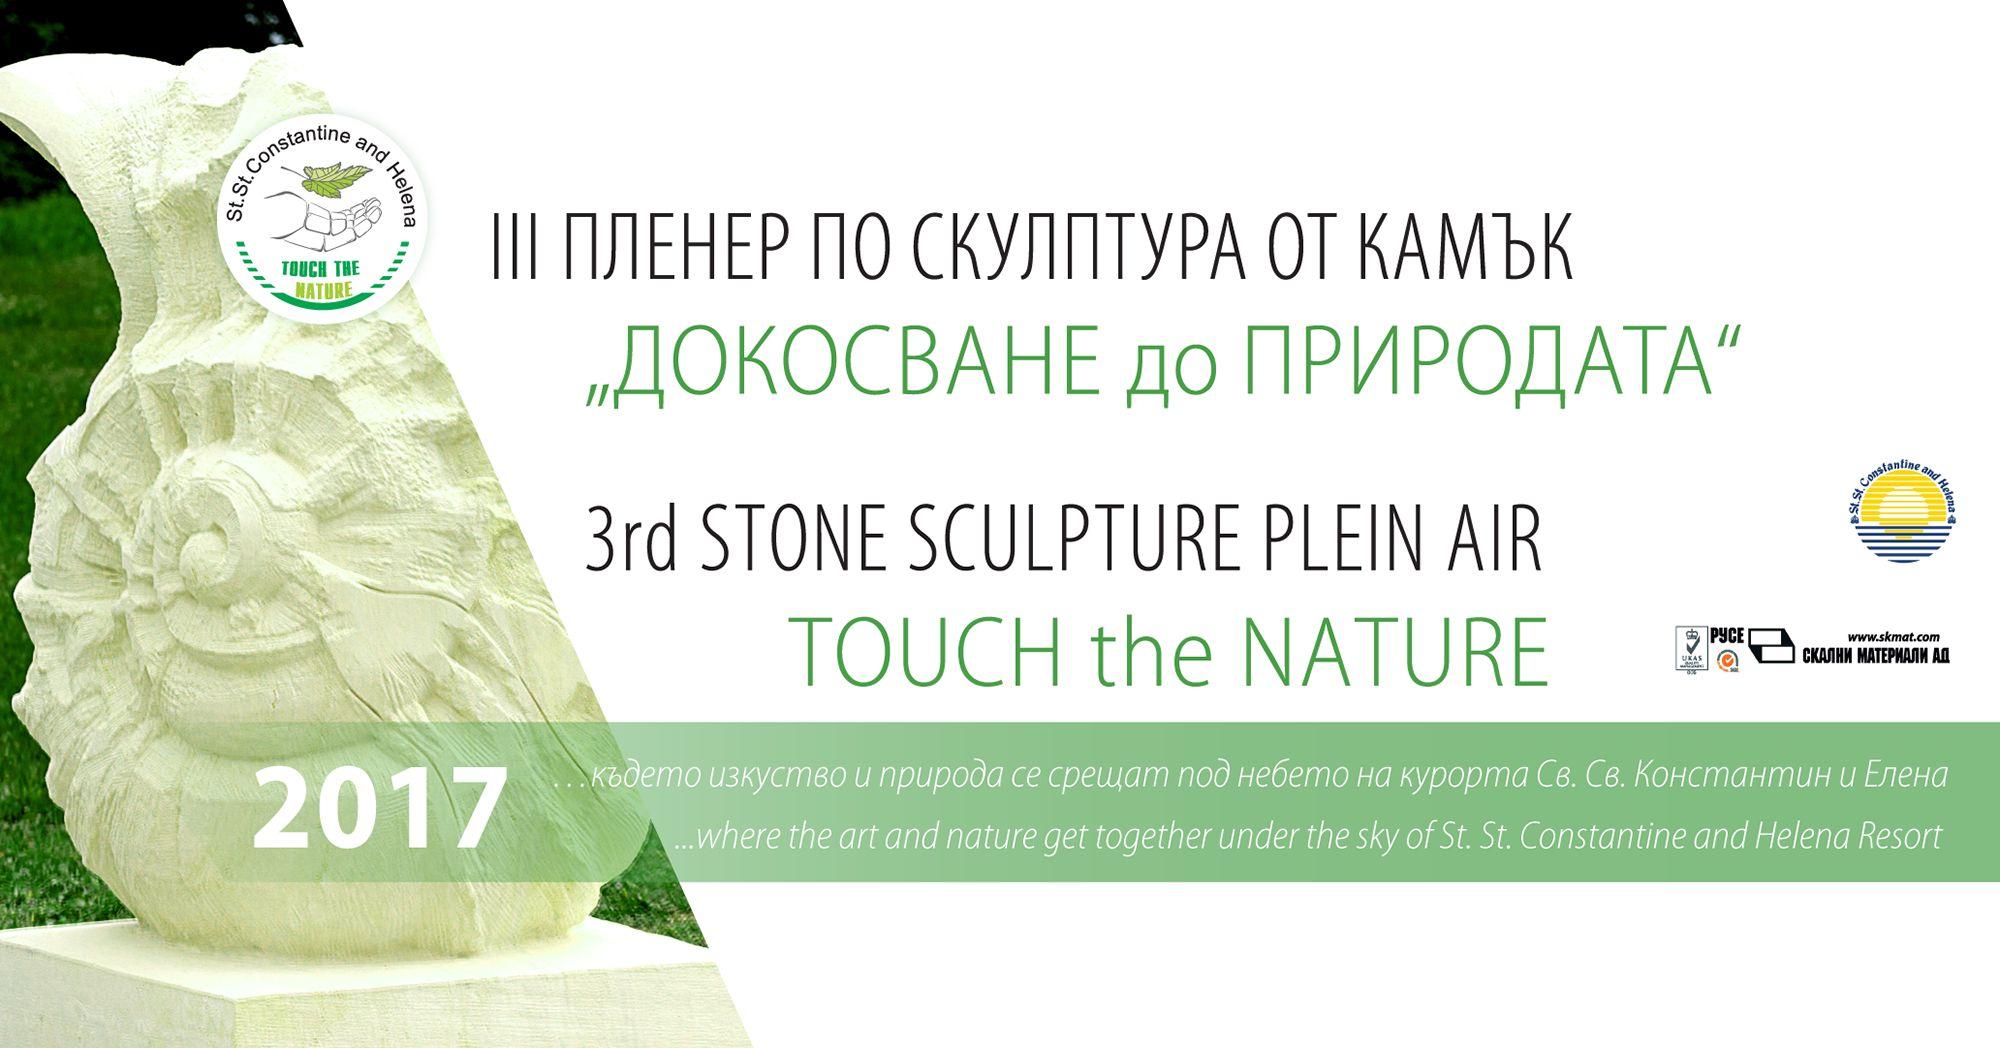 """Започна набирането на проекти за пленера по скулптура """"Докосване на природата"""" във Варна"""